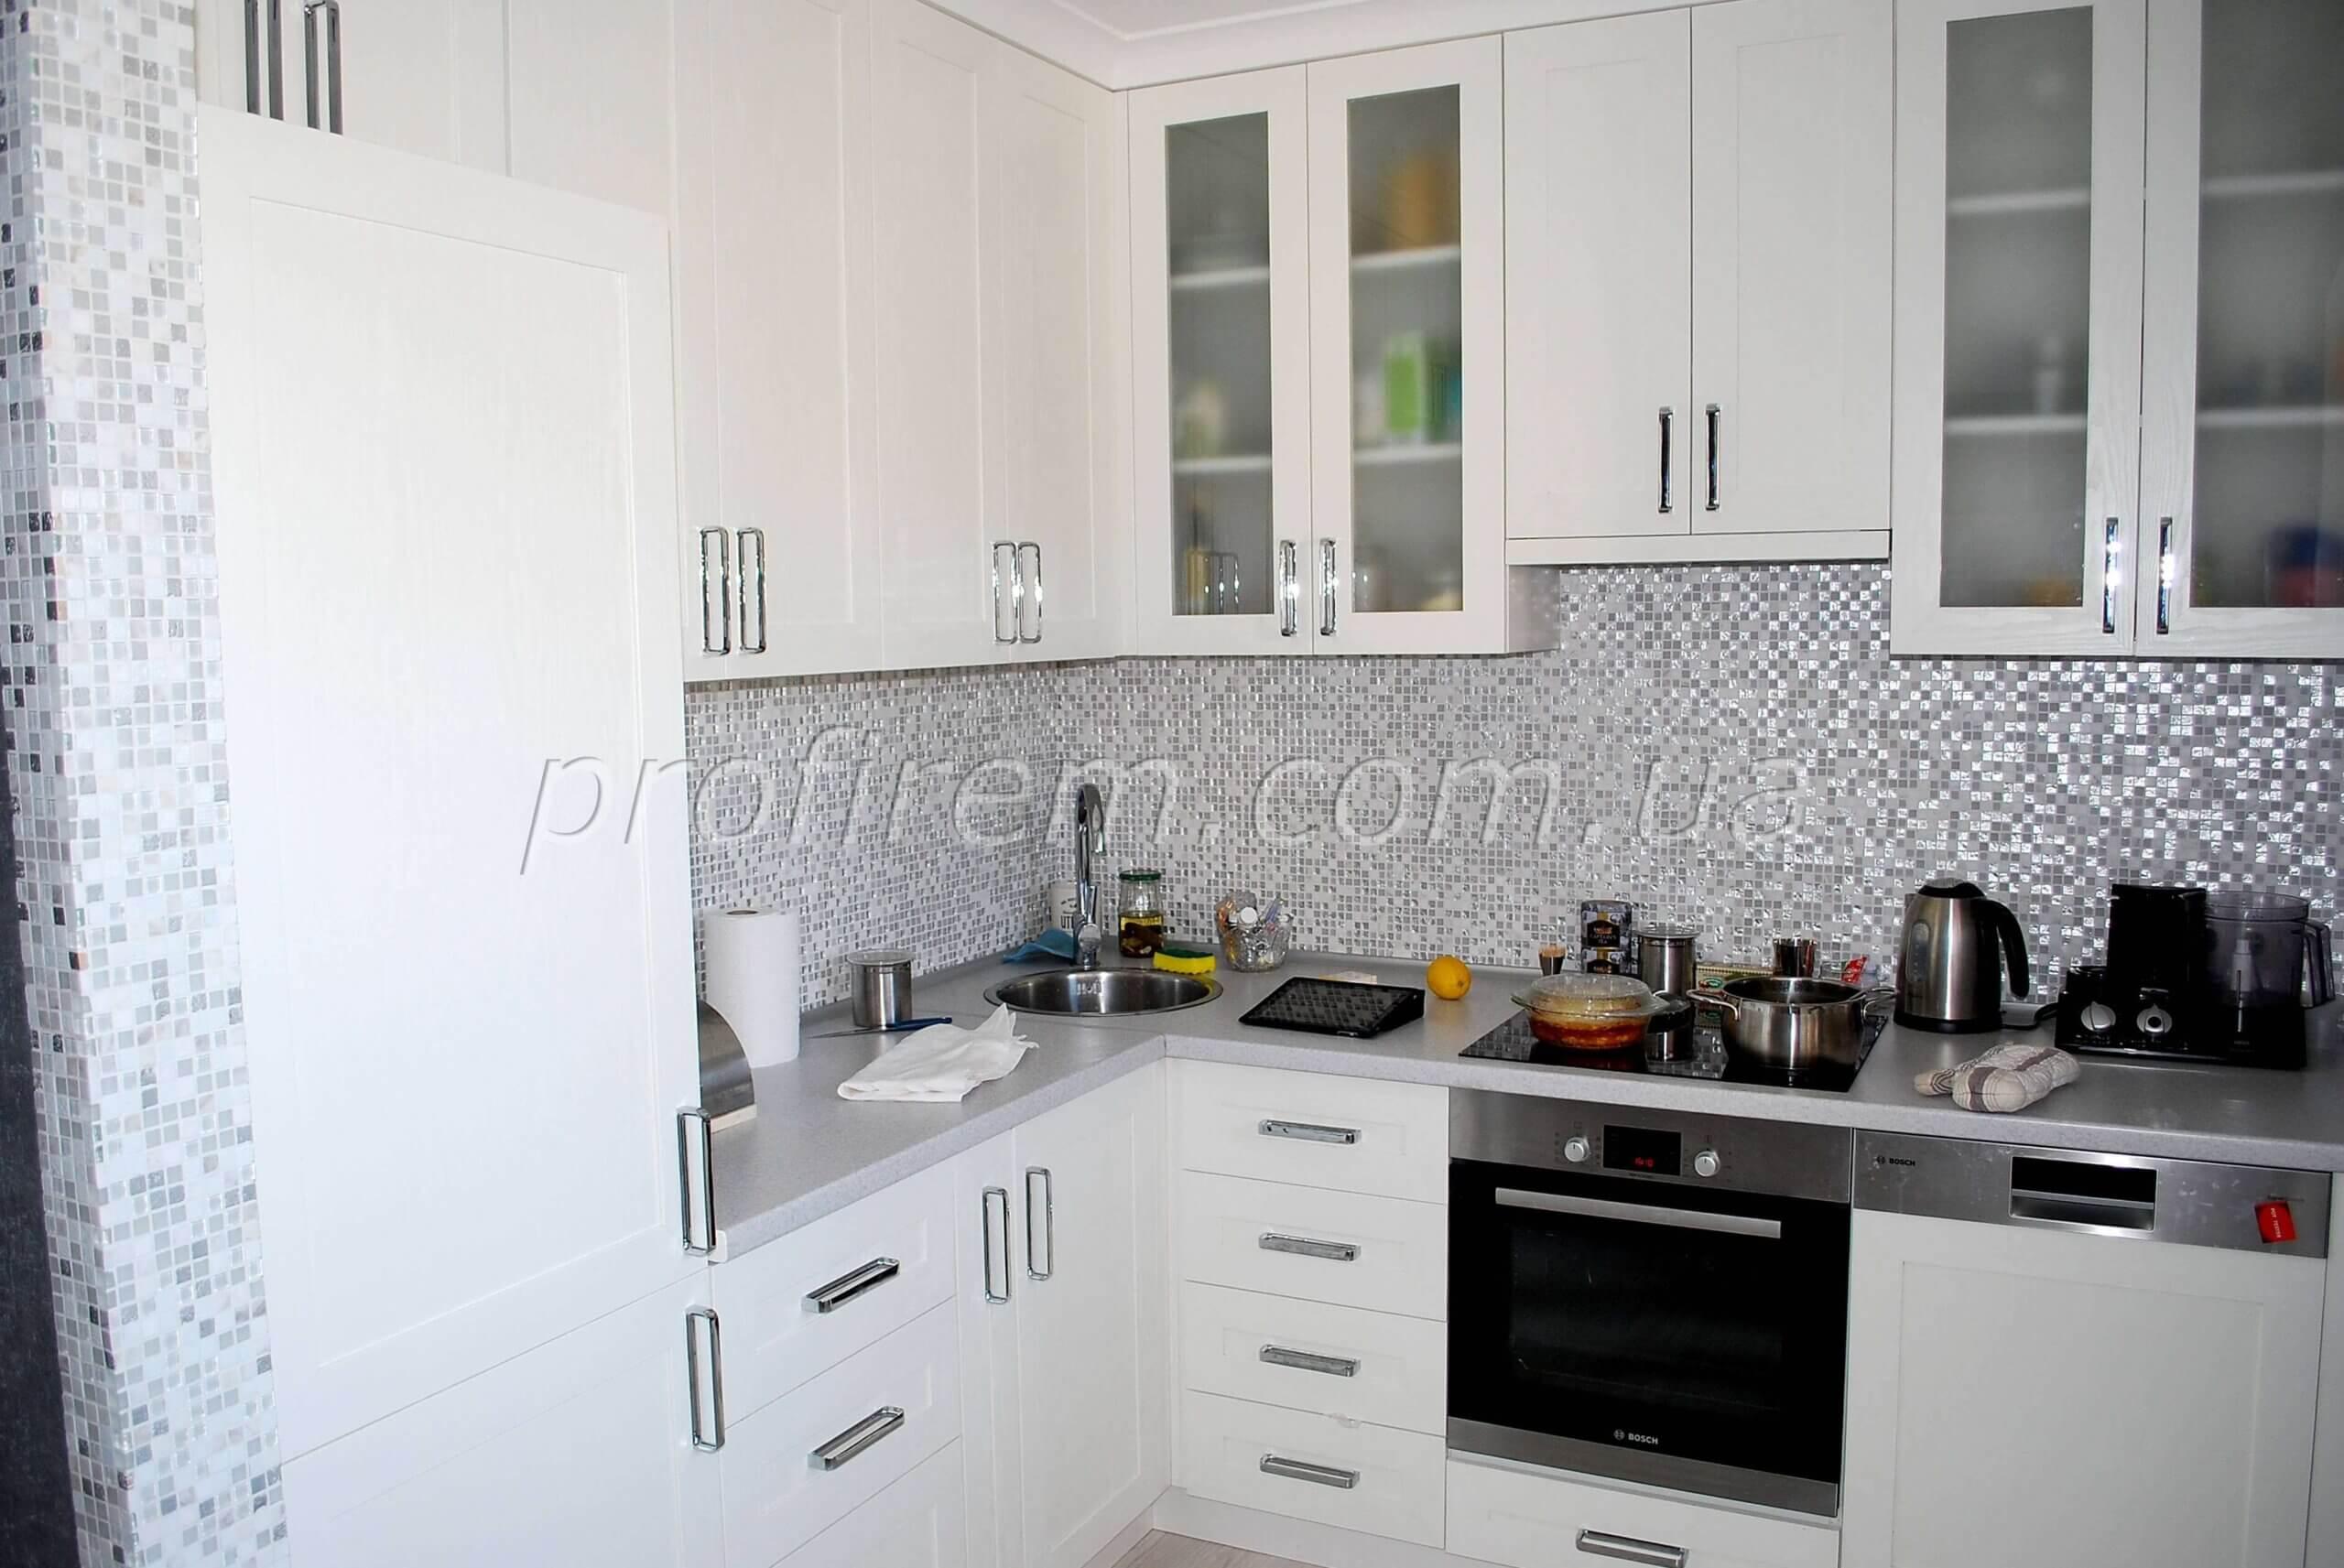 Фотография кухни в квартире в Киеве